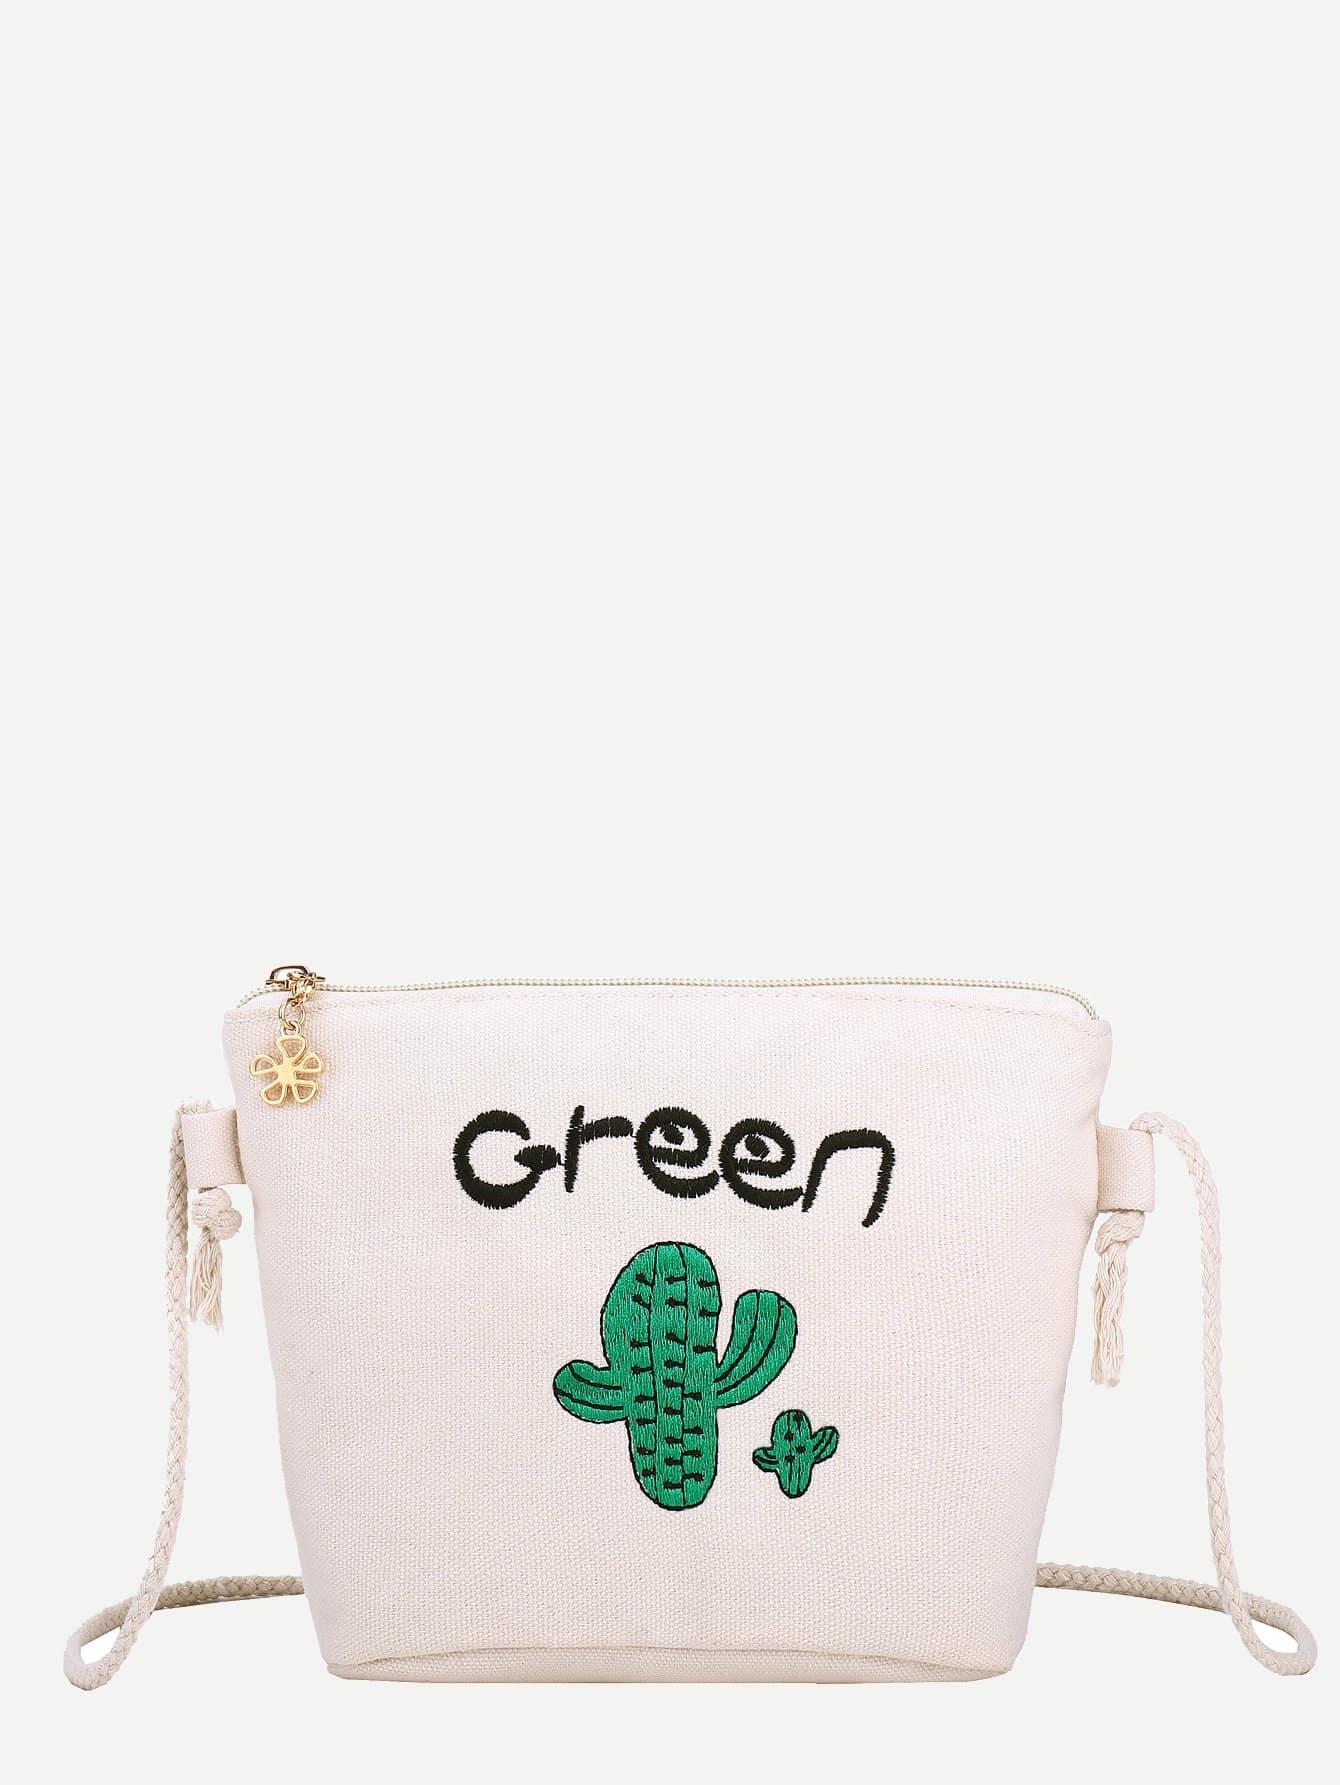 Купить Парусиновая сумка с принтом вышитого кактуса для детей, null, SheIn